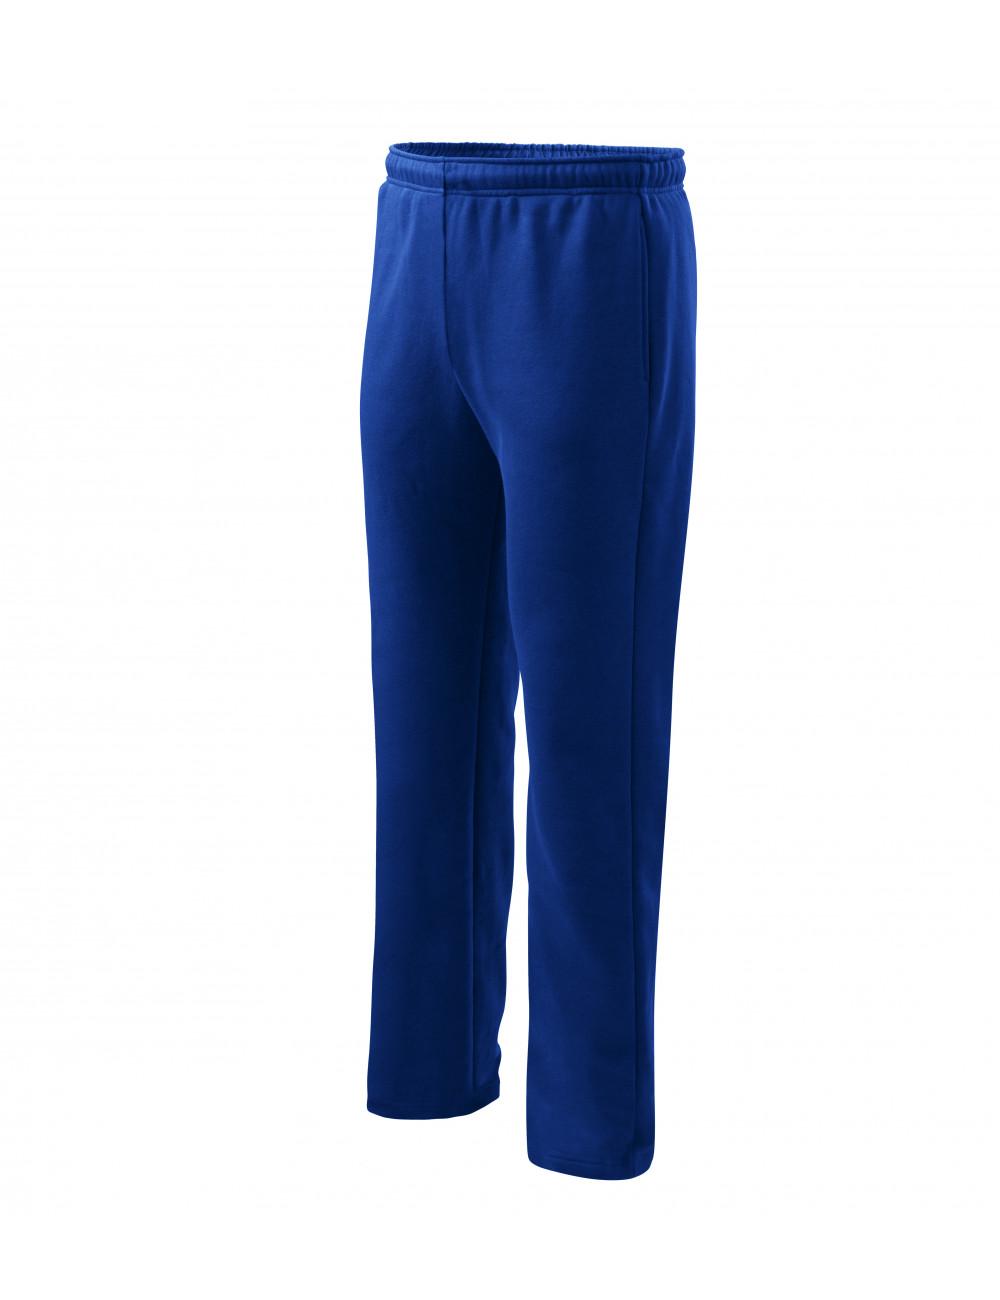 Adler MALFINI Spodnie dresowe męskie/dziecięce Comfort 607 chabrowy